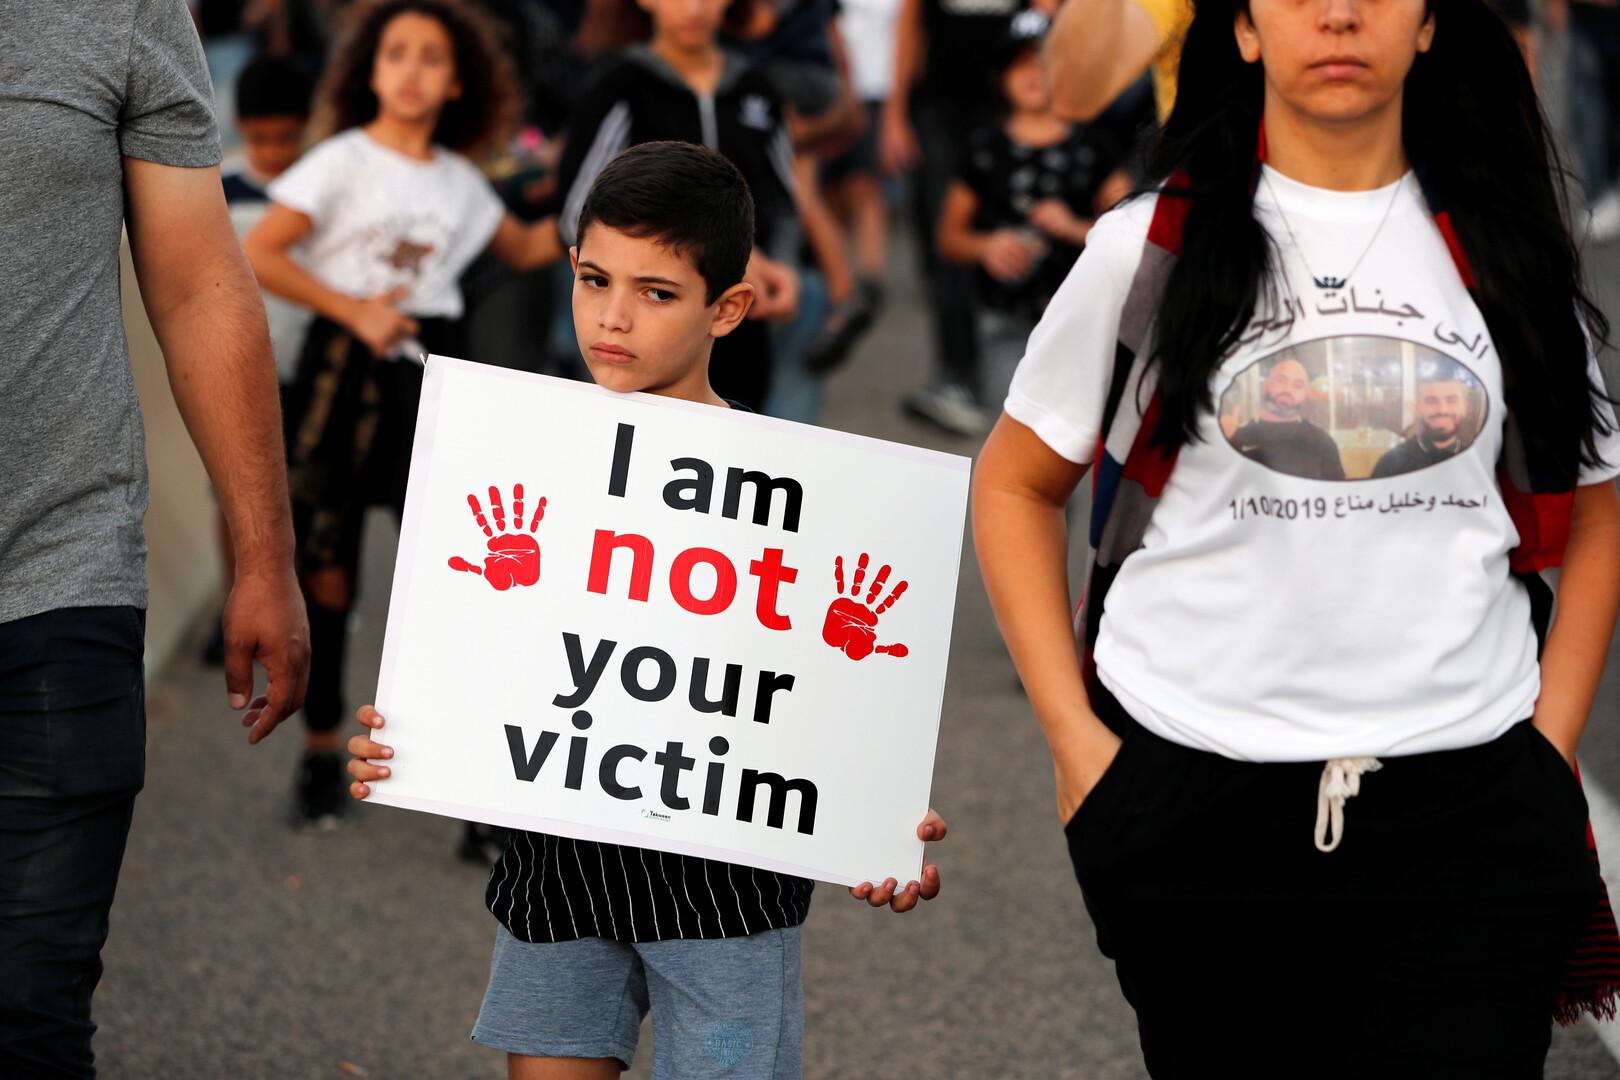 إسرائيل.. قافلتان عربيتان تتجهان نحو القدس للتظاهر ضد العنف والجريمة